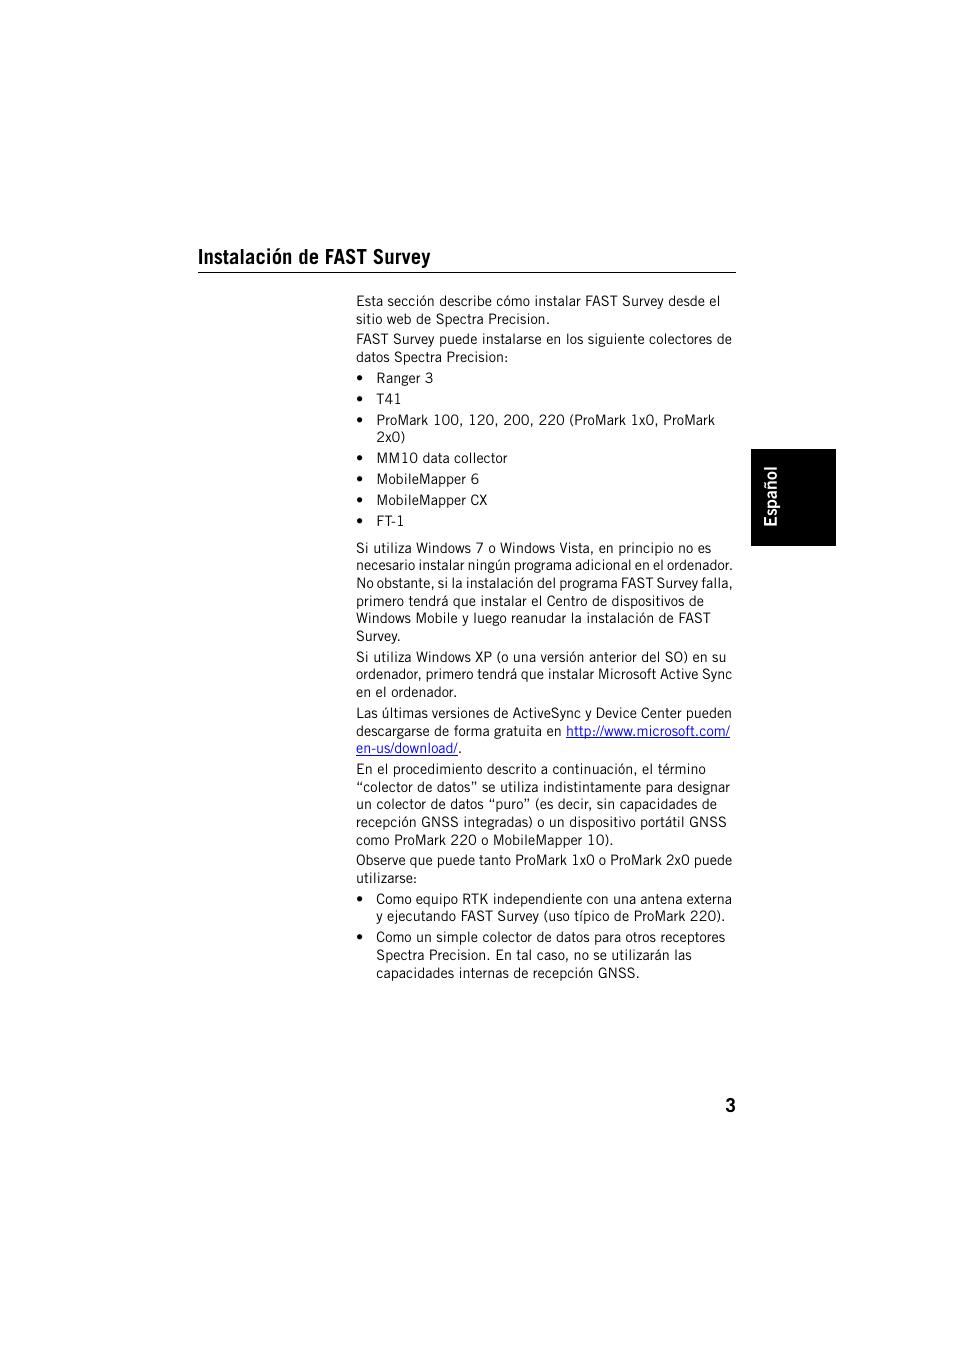 Instalación de fast survey   Spectra Precision FAST Survey Manual ...